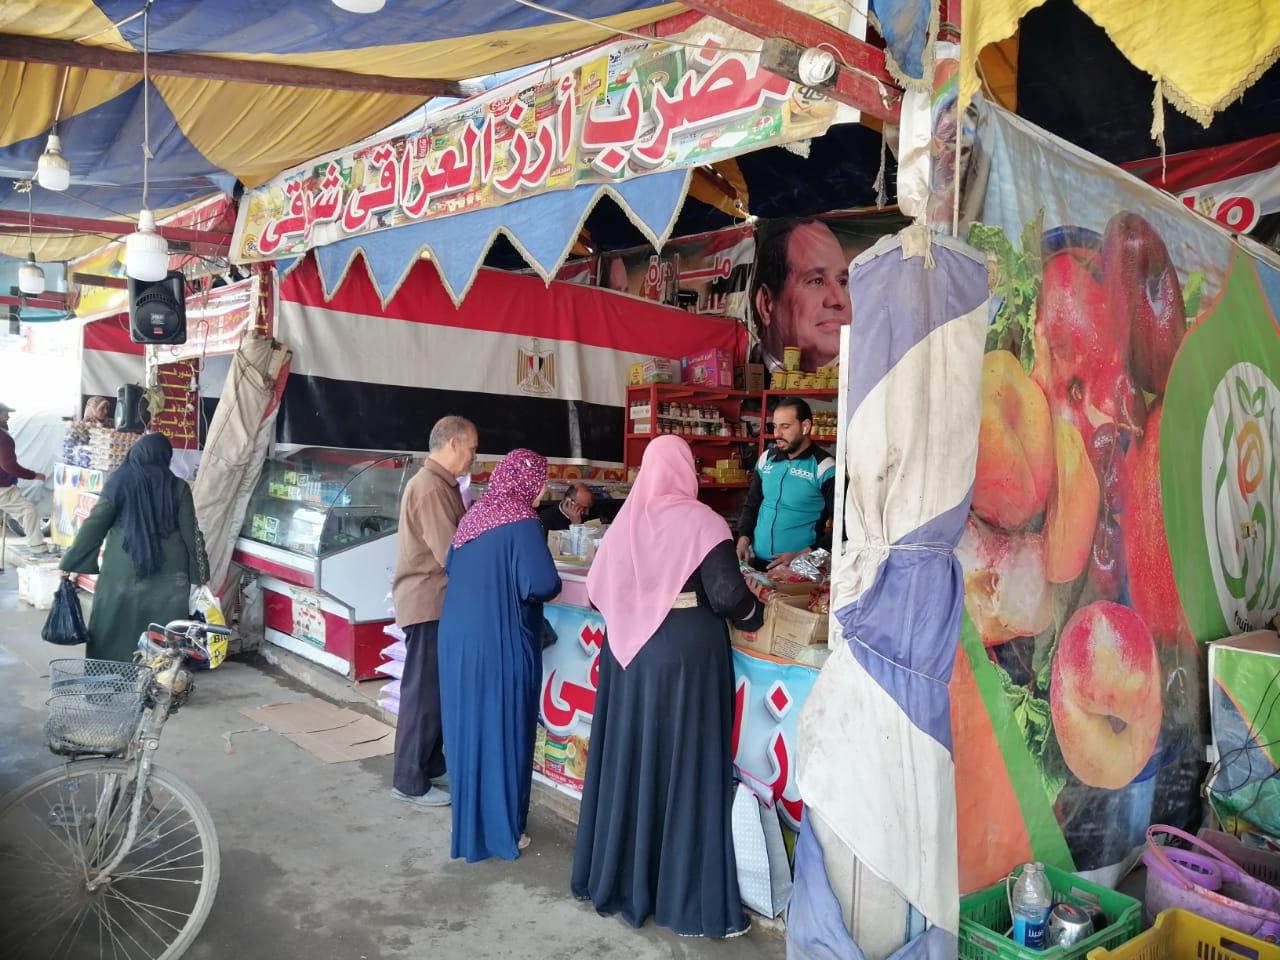 اسواق تحيا مصر للخضر والفاكهة بالغربية (7)